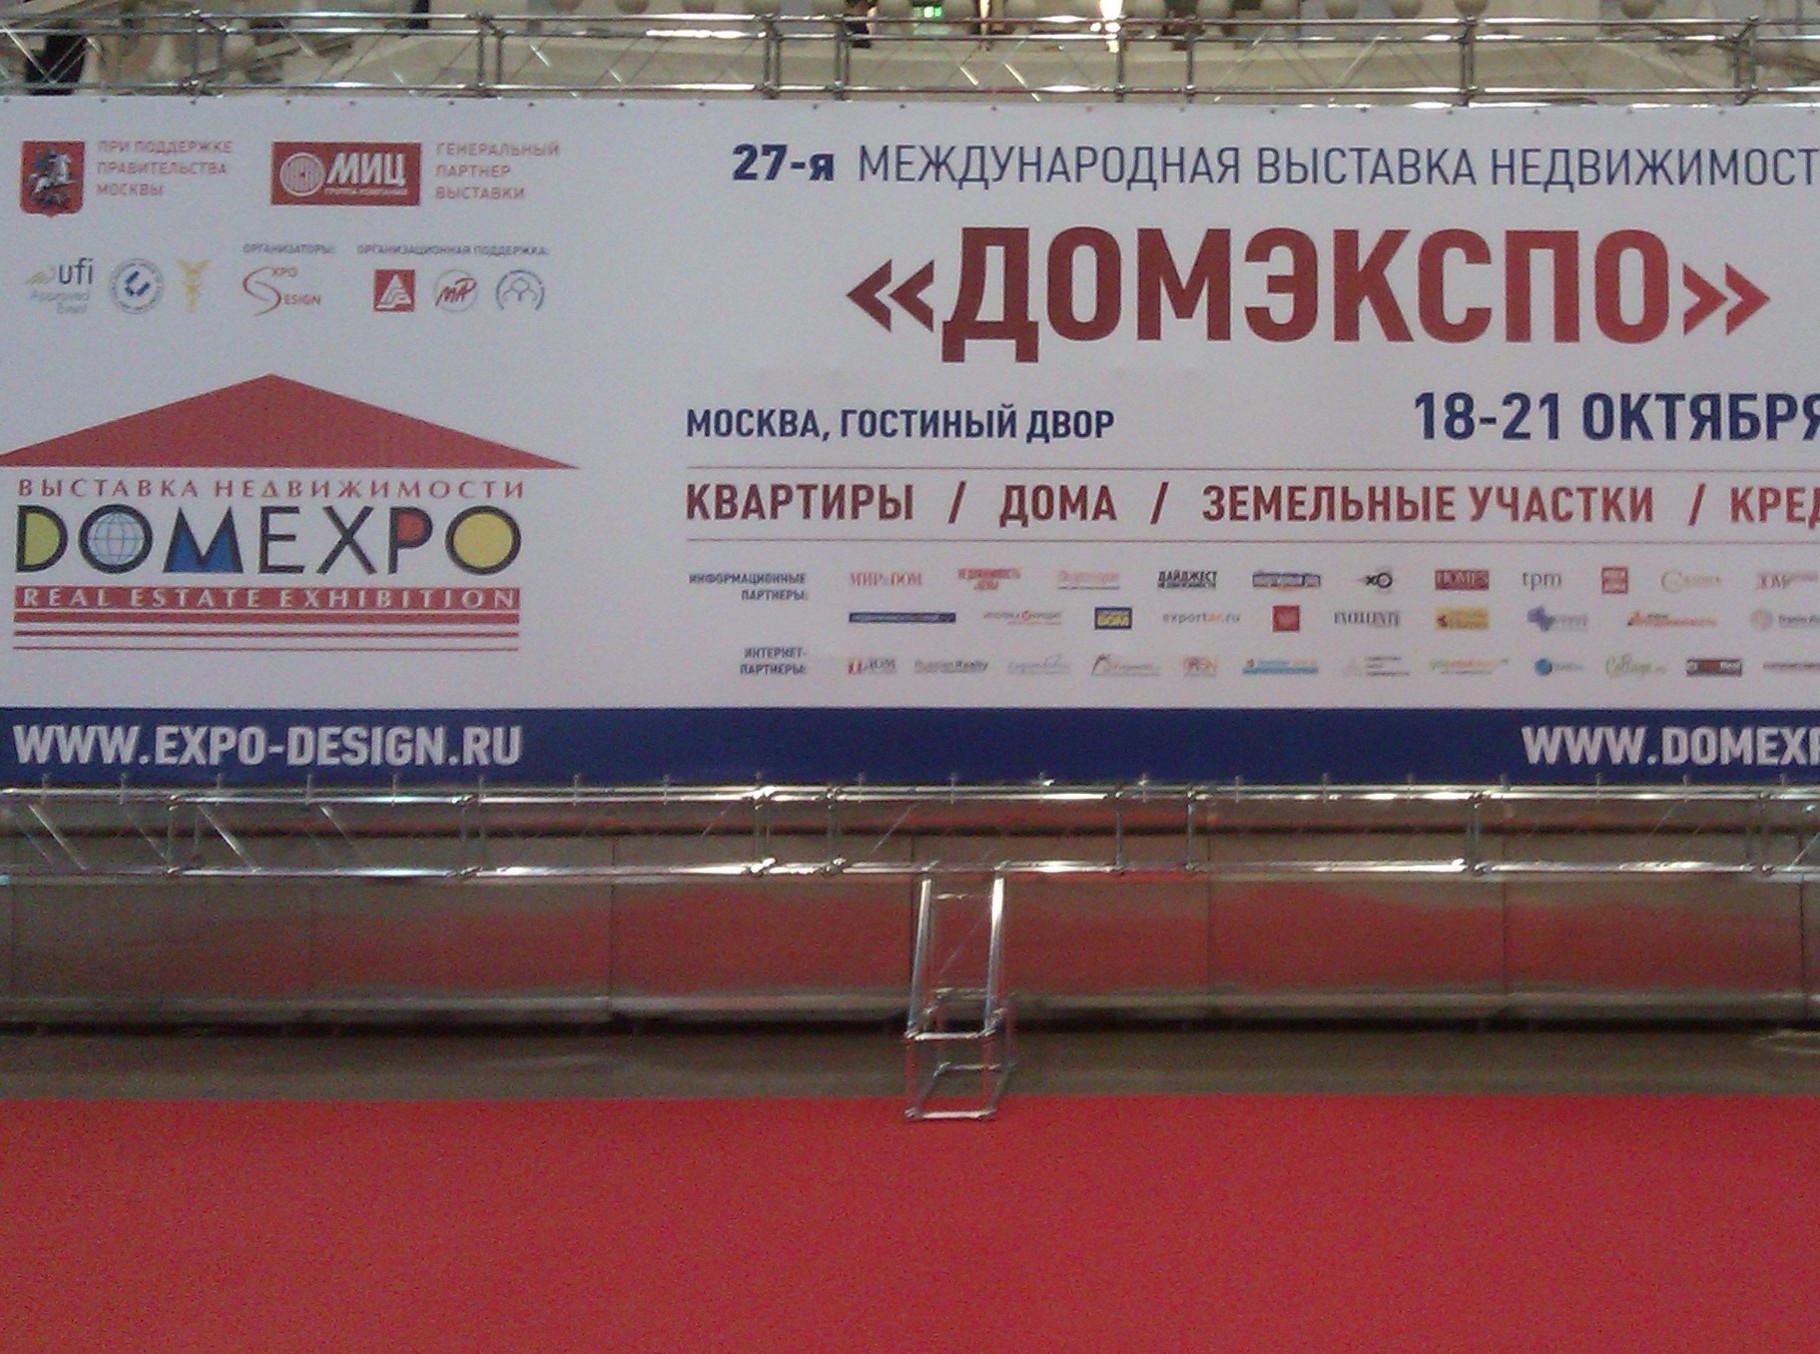 Открыла двери 27-я Международная выставка недвижимости «Домэкспо»